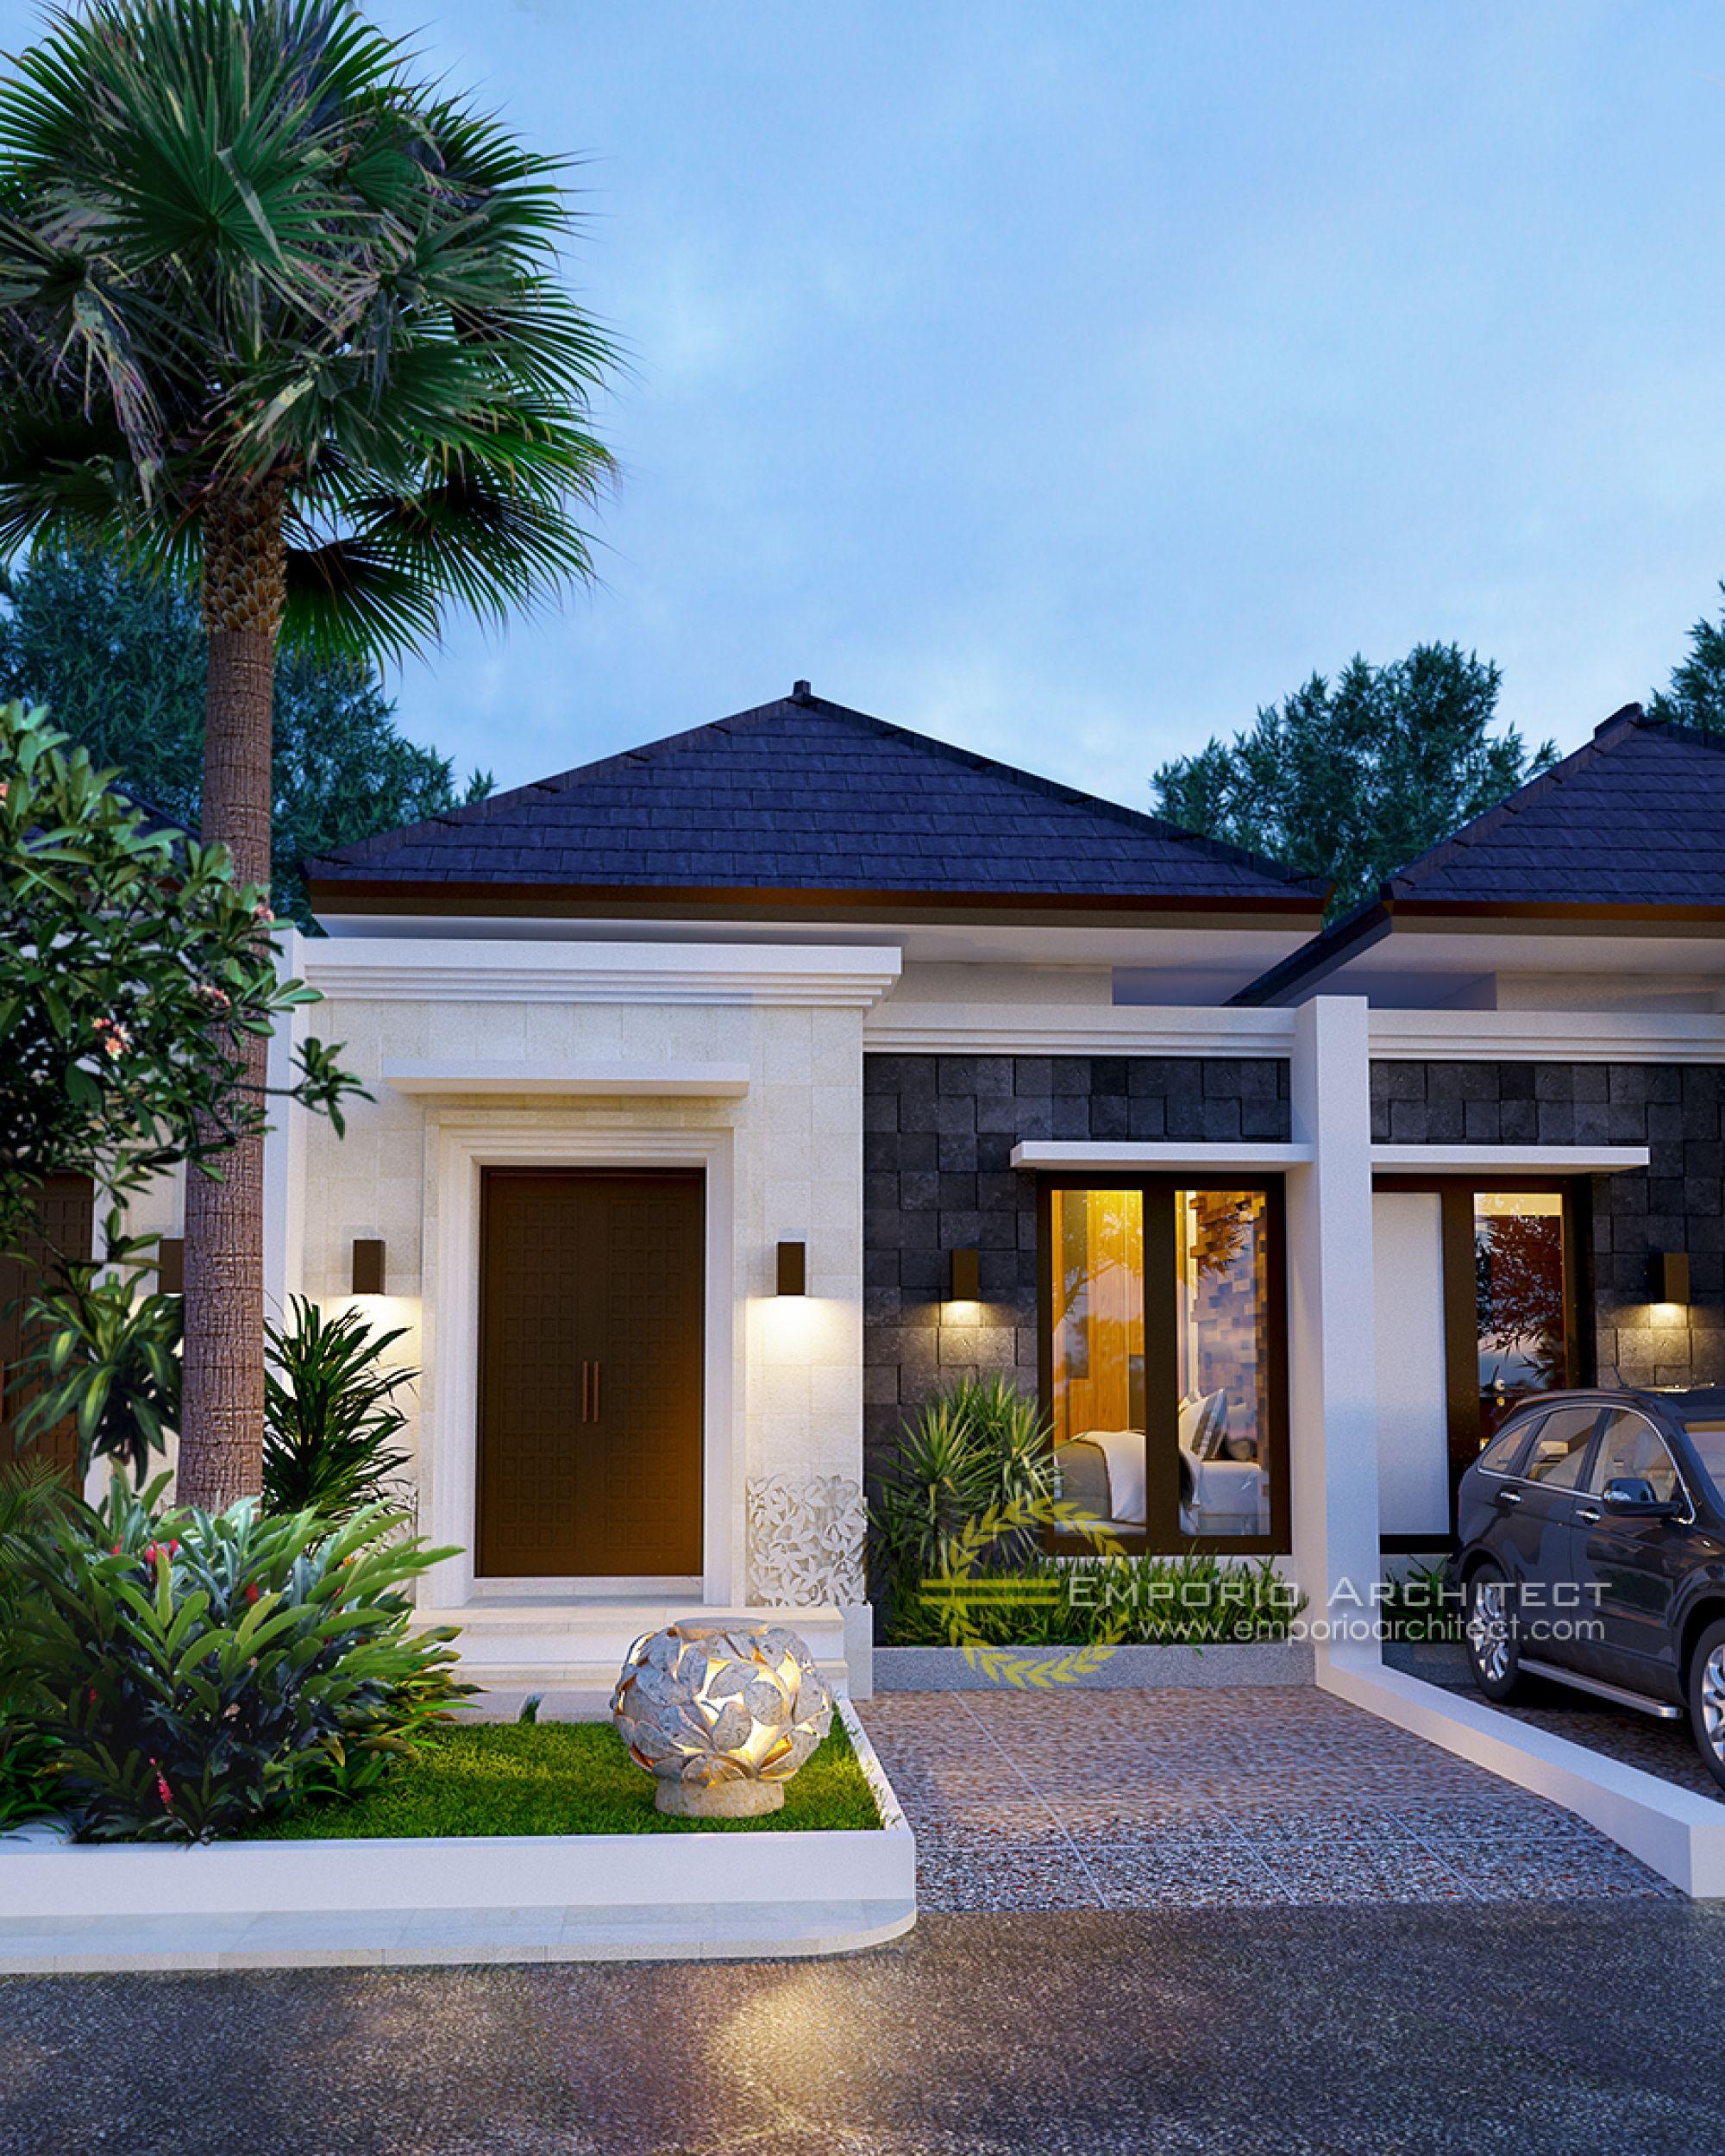 Jasa arsitek lippo karawaci tangerang desain ubud grand cendana also icymi modern filipino house design quickbooksnumbers rh pinterest